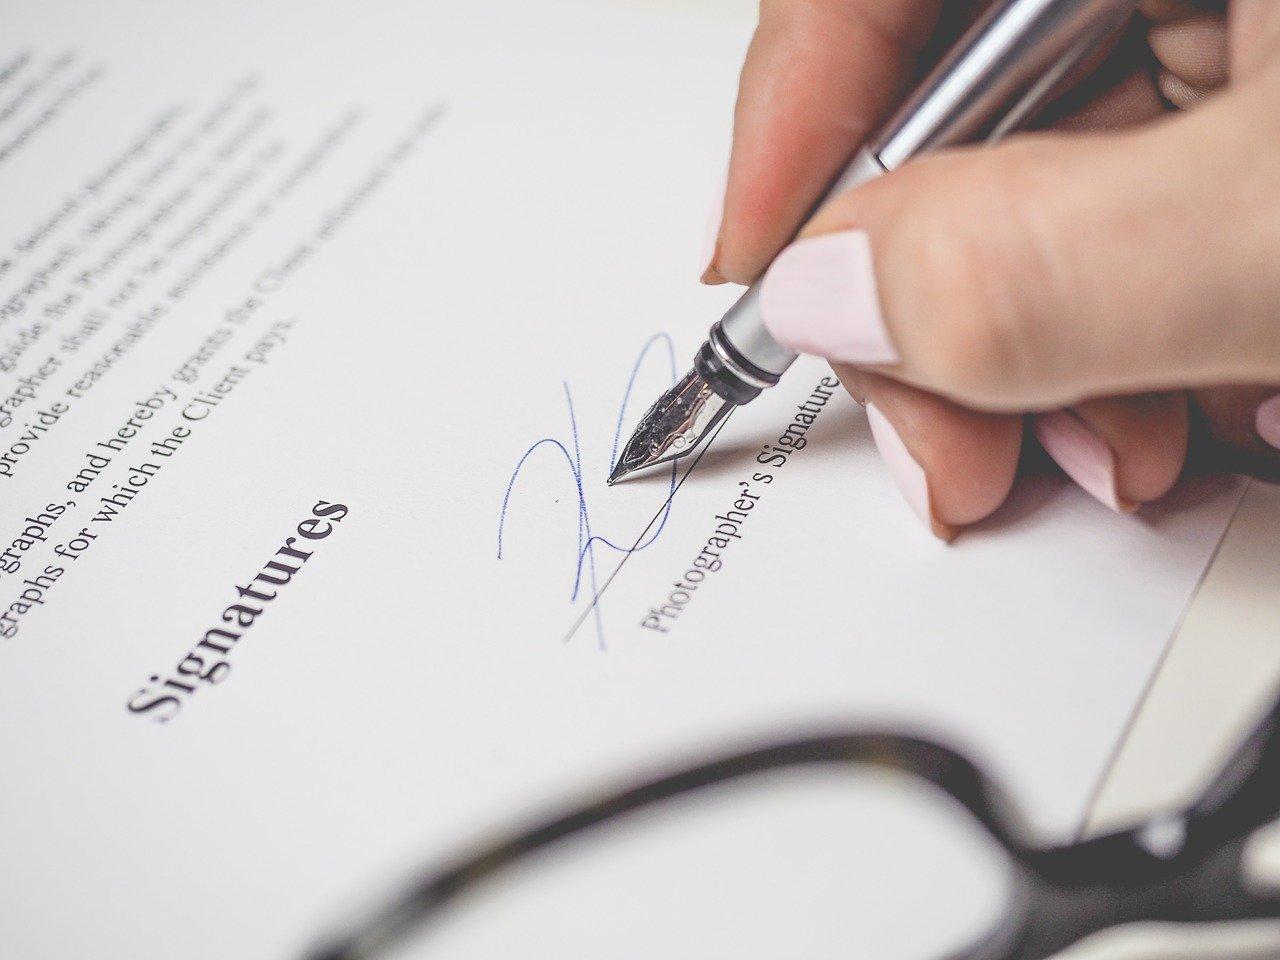 賃貸借契約に関する問題 「賃貸不動産経営管理士」の試験まで30日 平成27年の過去問 問14